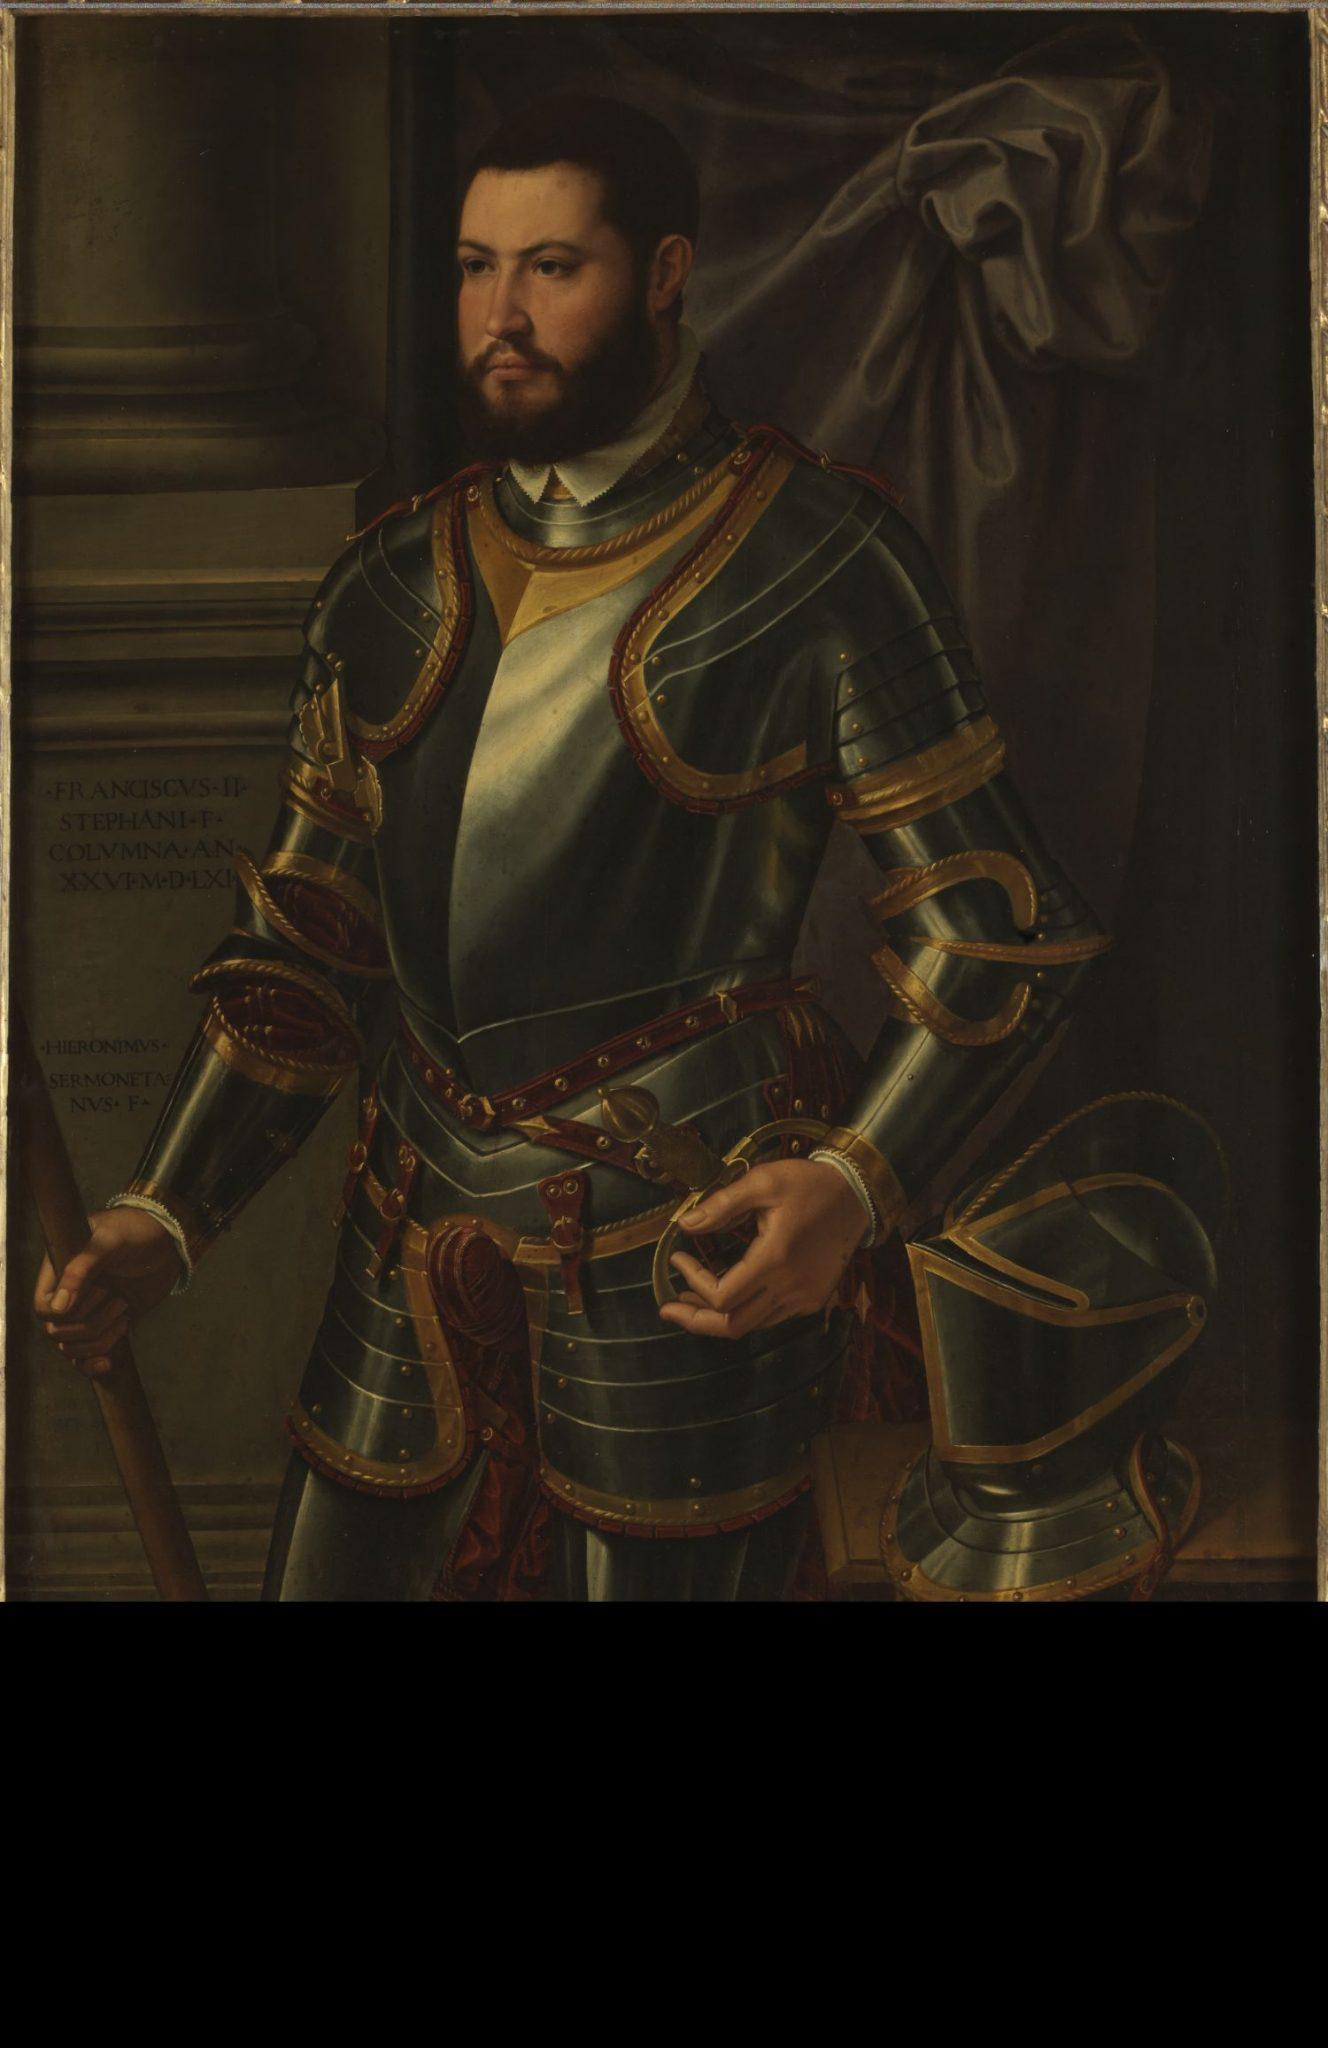 Mostra Armi e Potere_Siciolante da Sermoneta, Ritratto di Francesco II Colonna, Galleria Nazionale d'Arte Antica di Palazzo Barberini